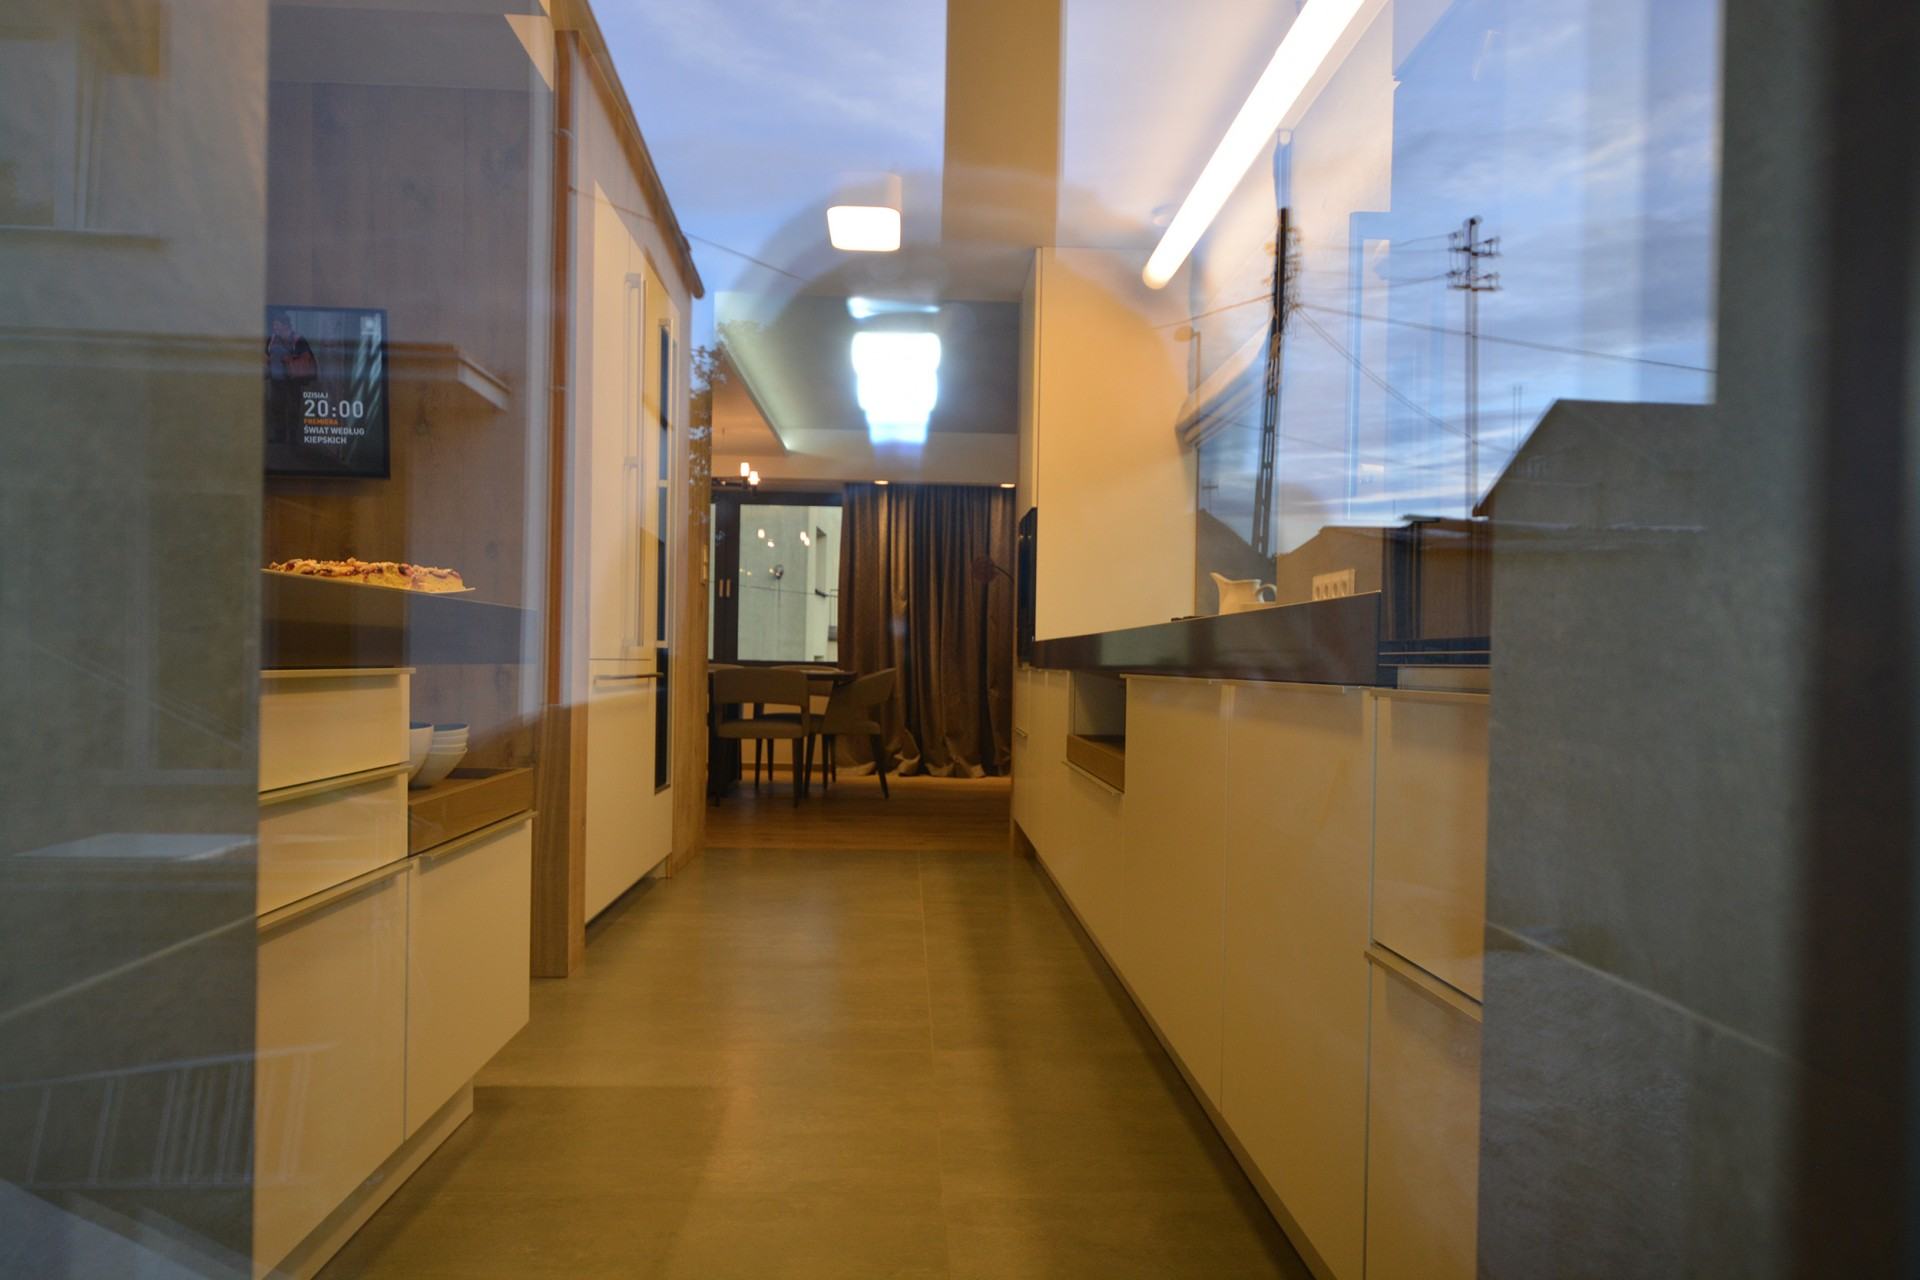 Przebudowa budynku mieszkalnego w Nysie